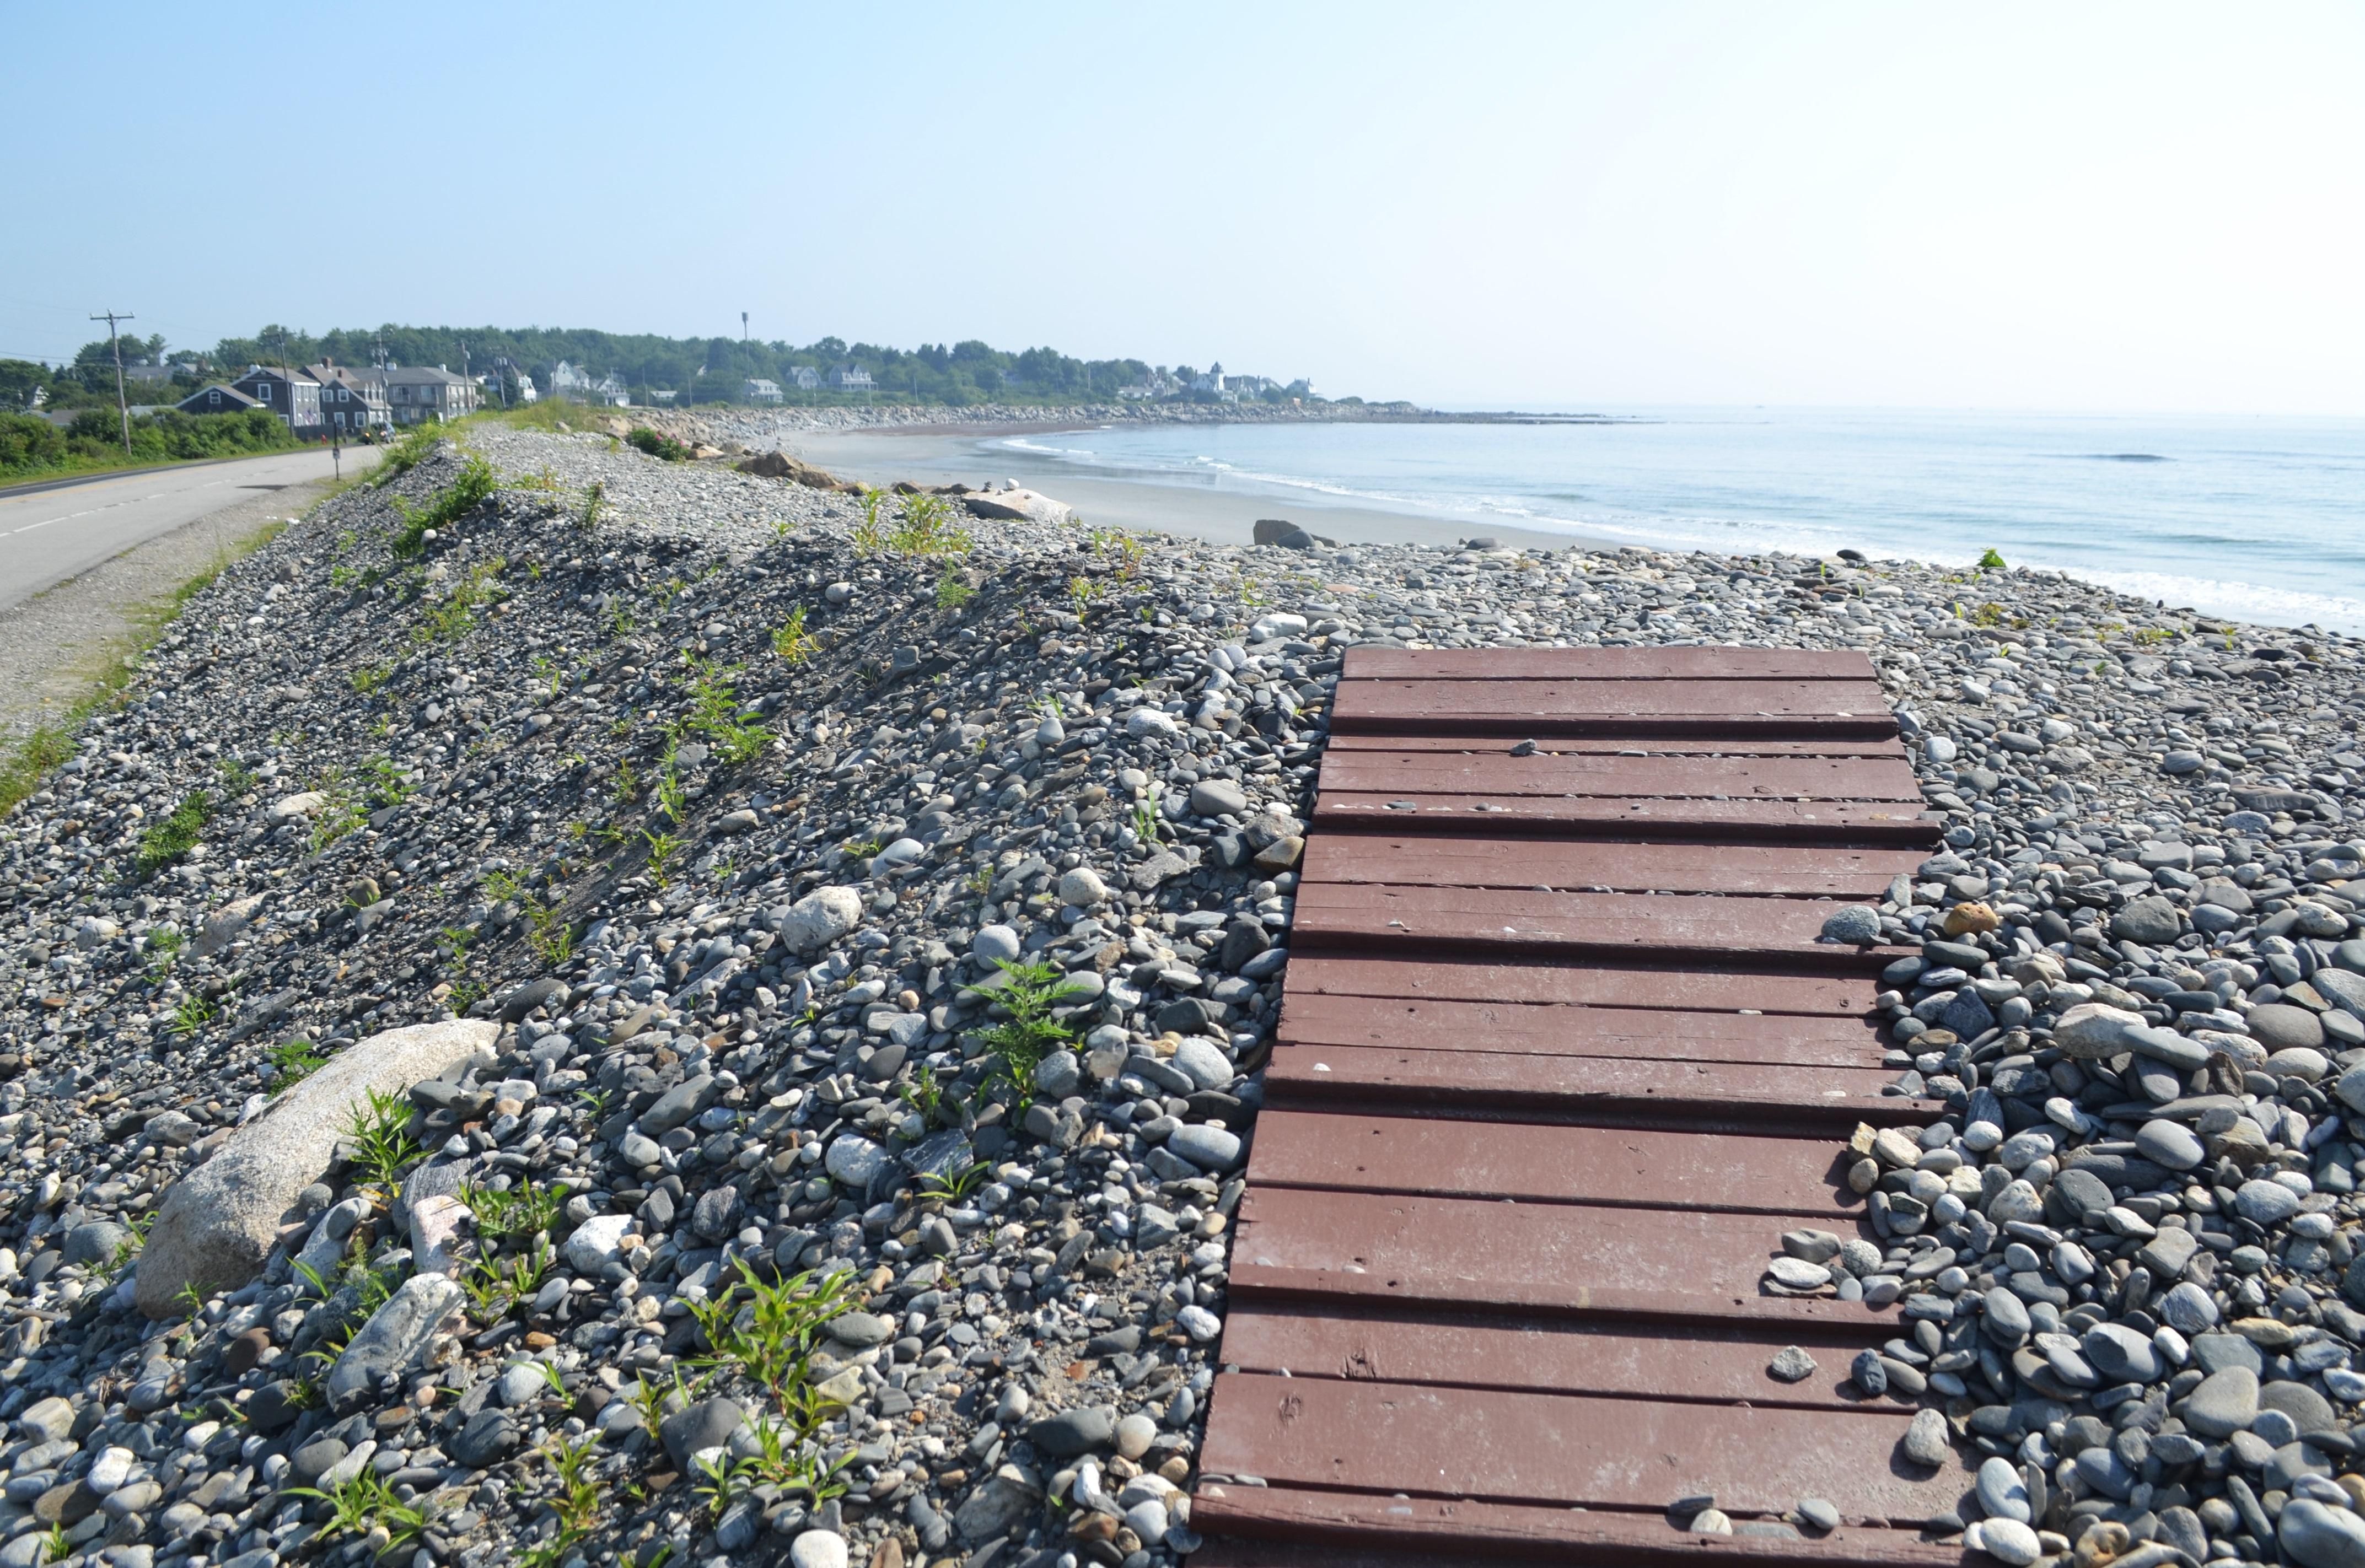 Rye Beach Ramp